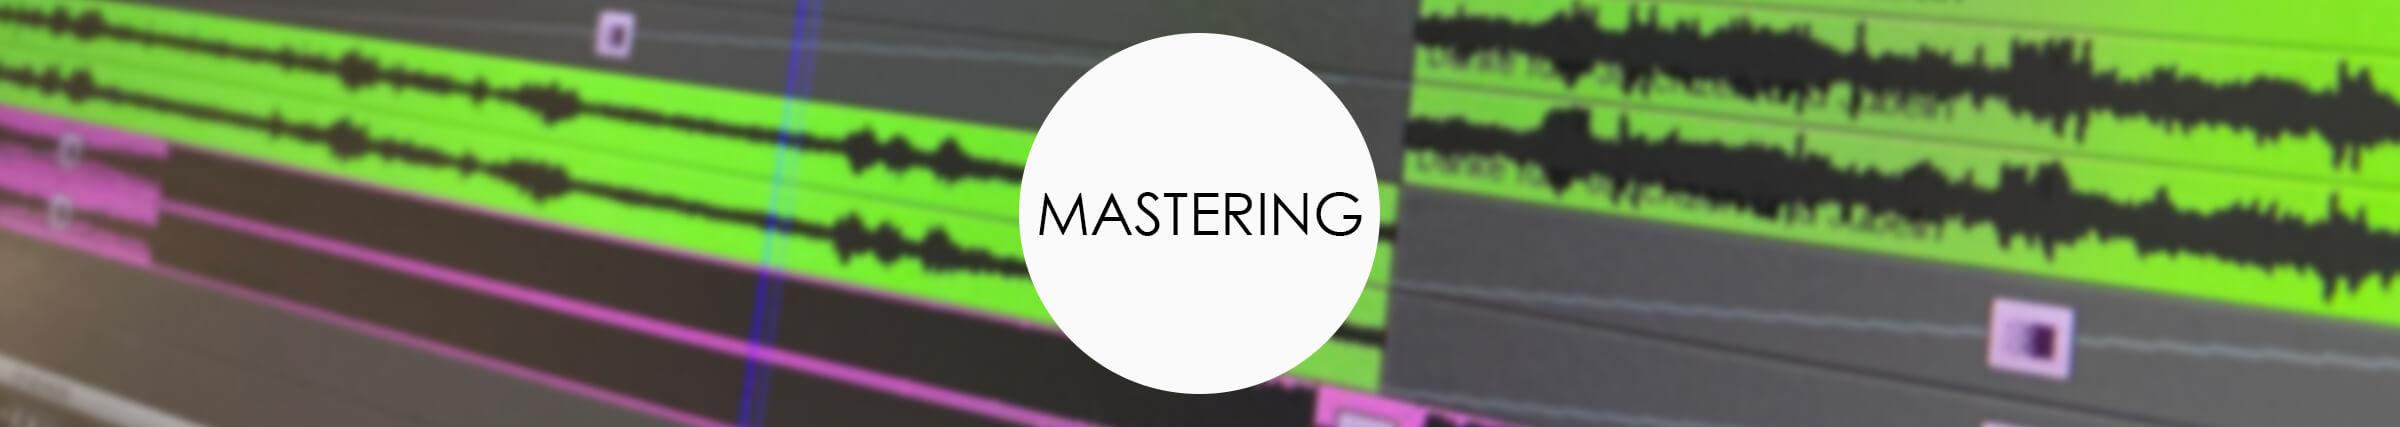 mastering-full